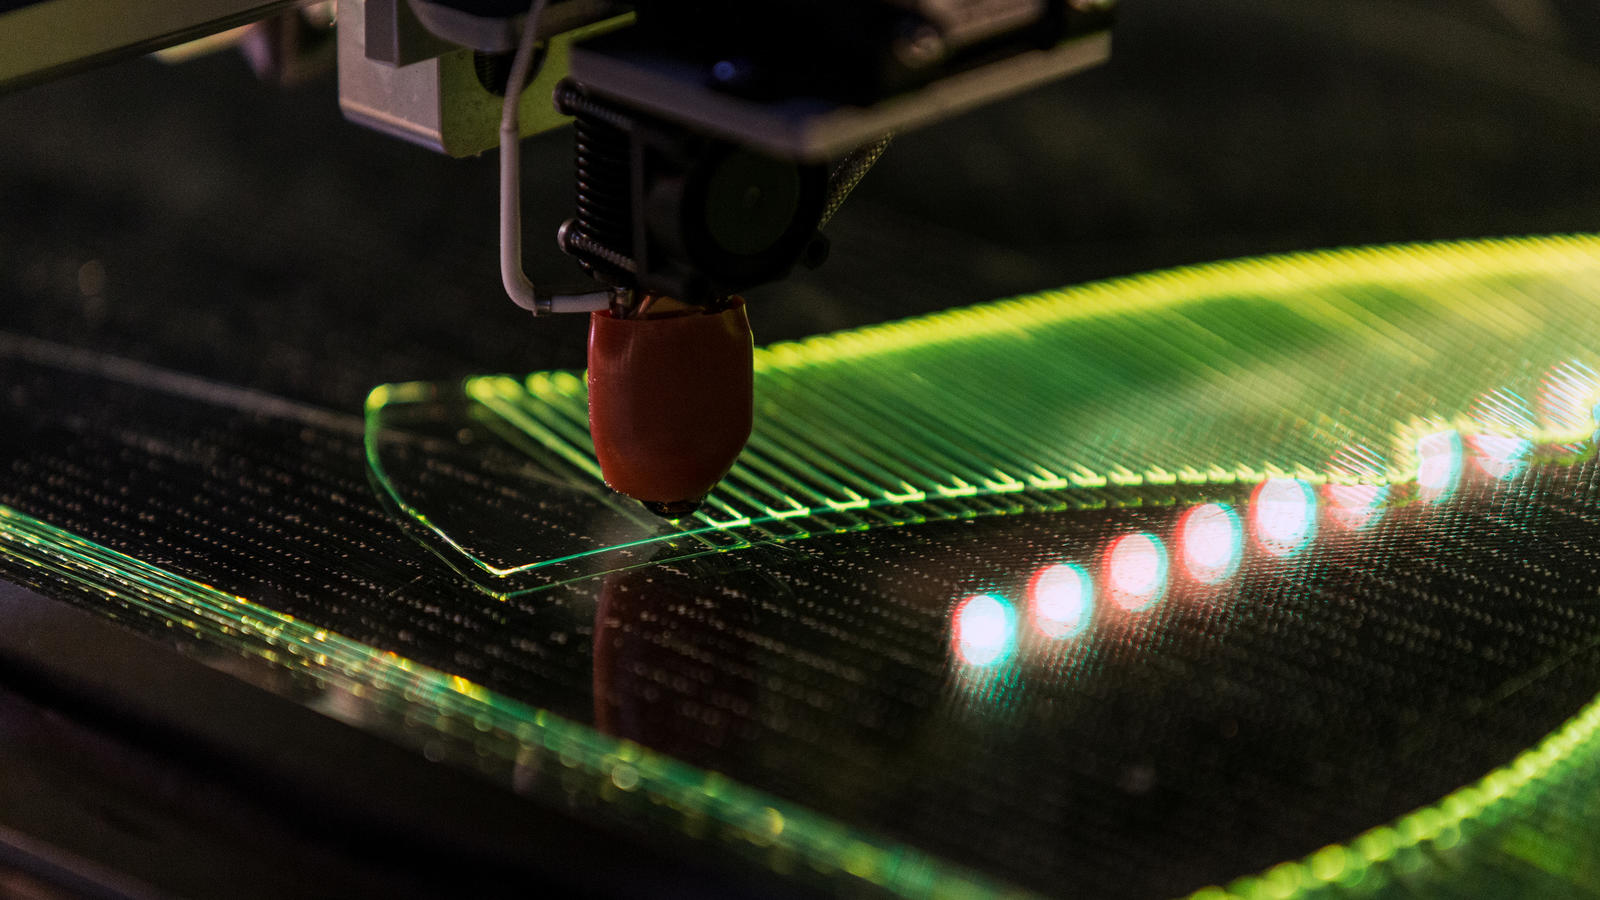 Nike áp dụng các công nghệ ''dệt 3D'' giúp chế tạo giày